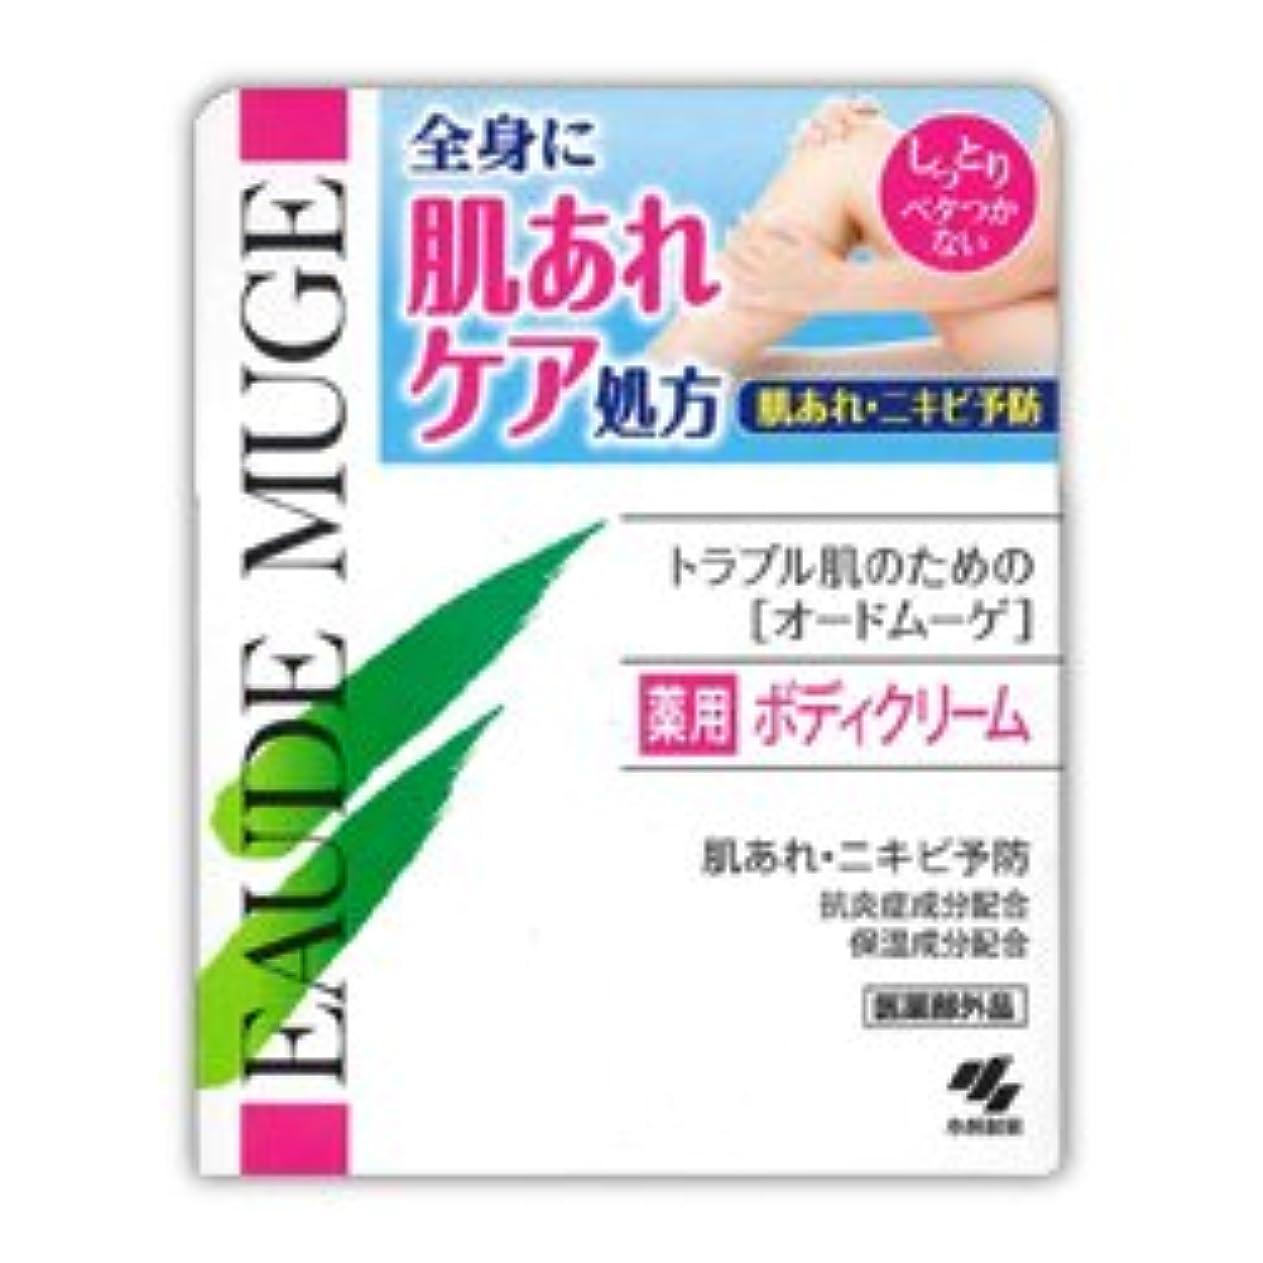 資産怖いリネン【小林製薬】オードムーゲ 薬用ボディクリーム 160g(医薬部外品)